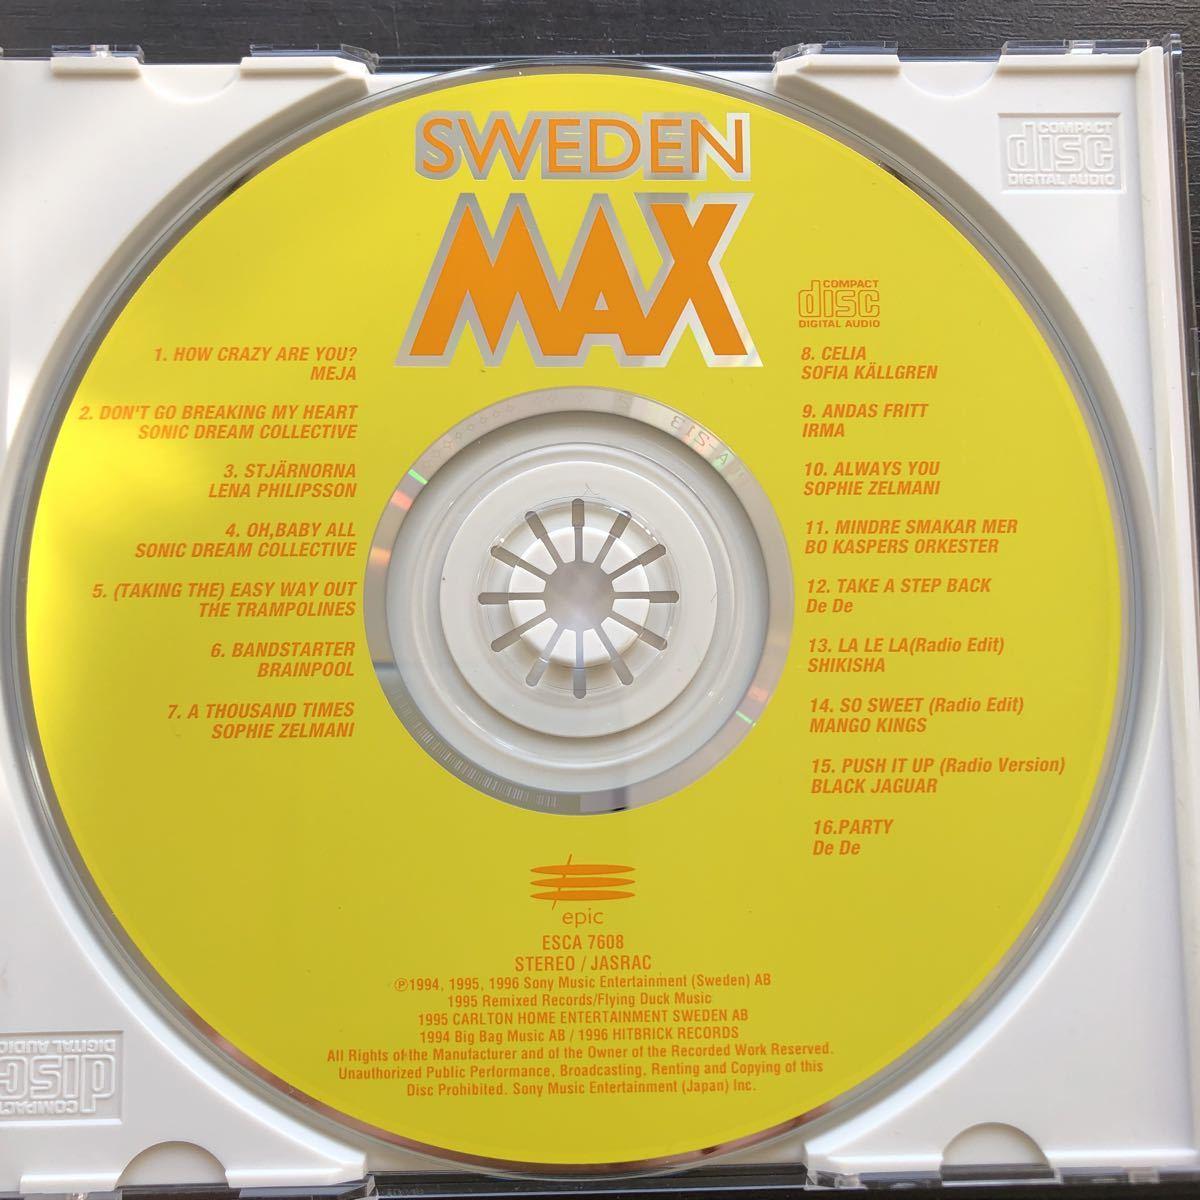 CD/スウェーデンMAX/メイヤ、ソフィー・セルマーニ、トランポリンズなど/スウェーデン・ポップス/オムニバス_画像3